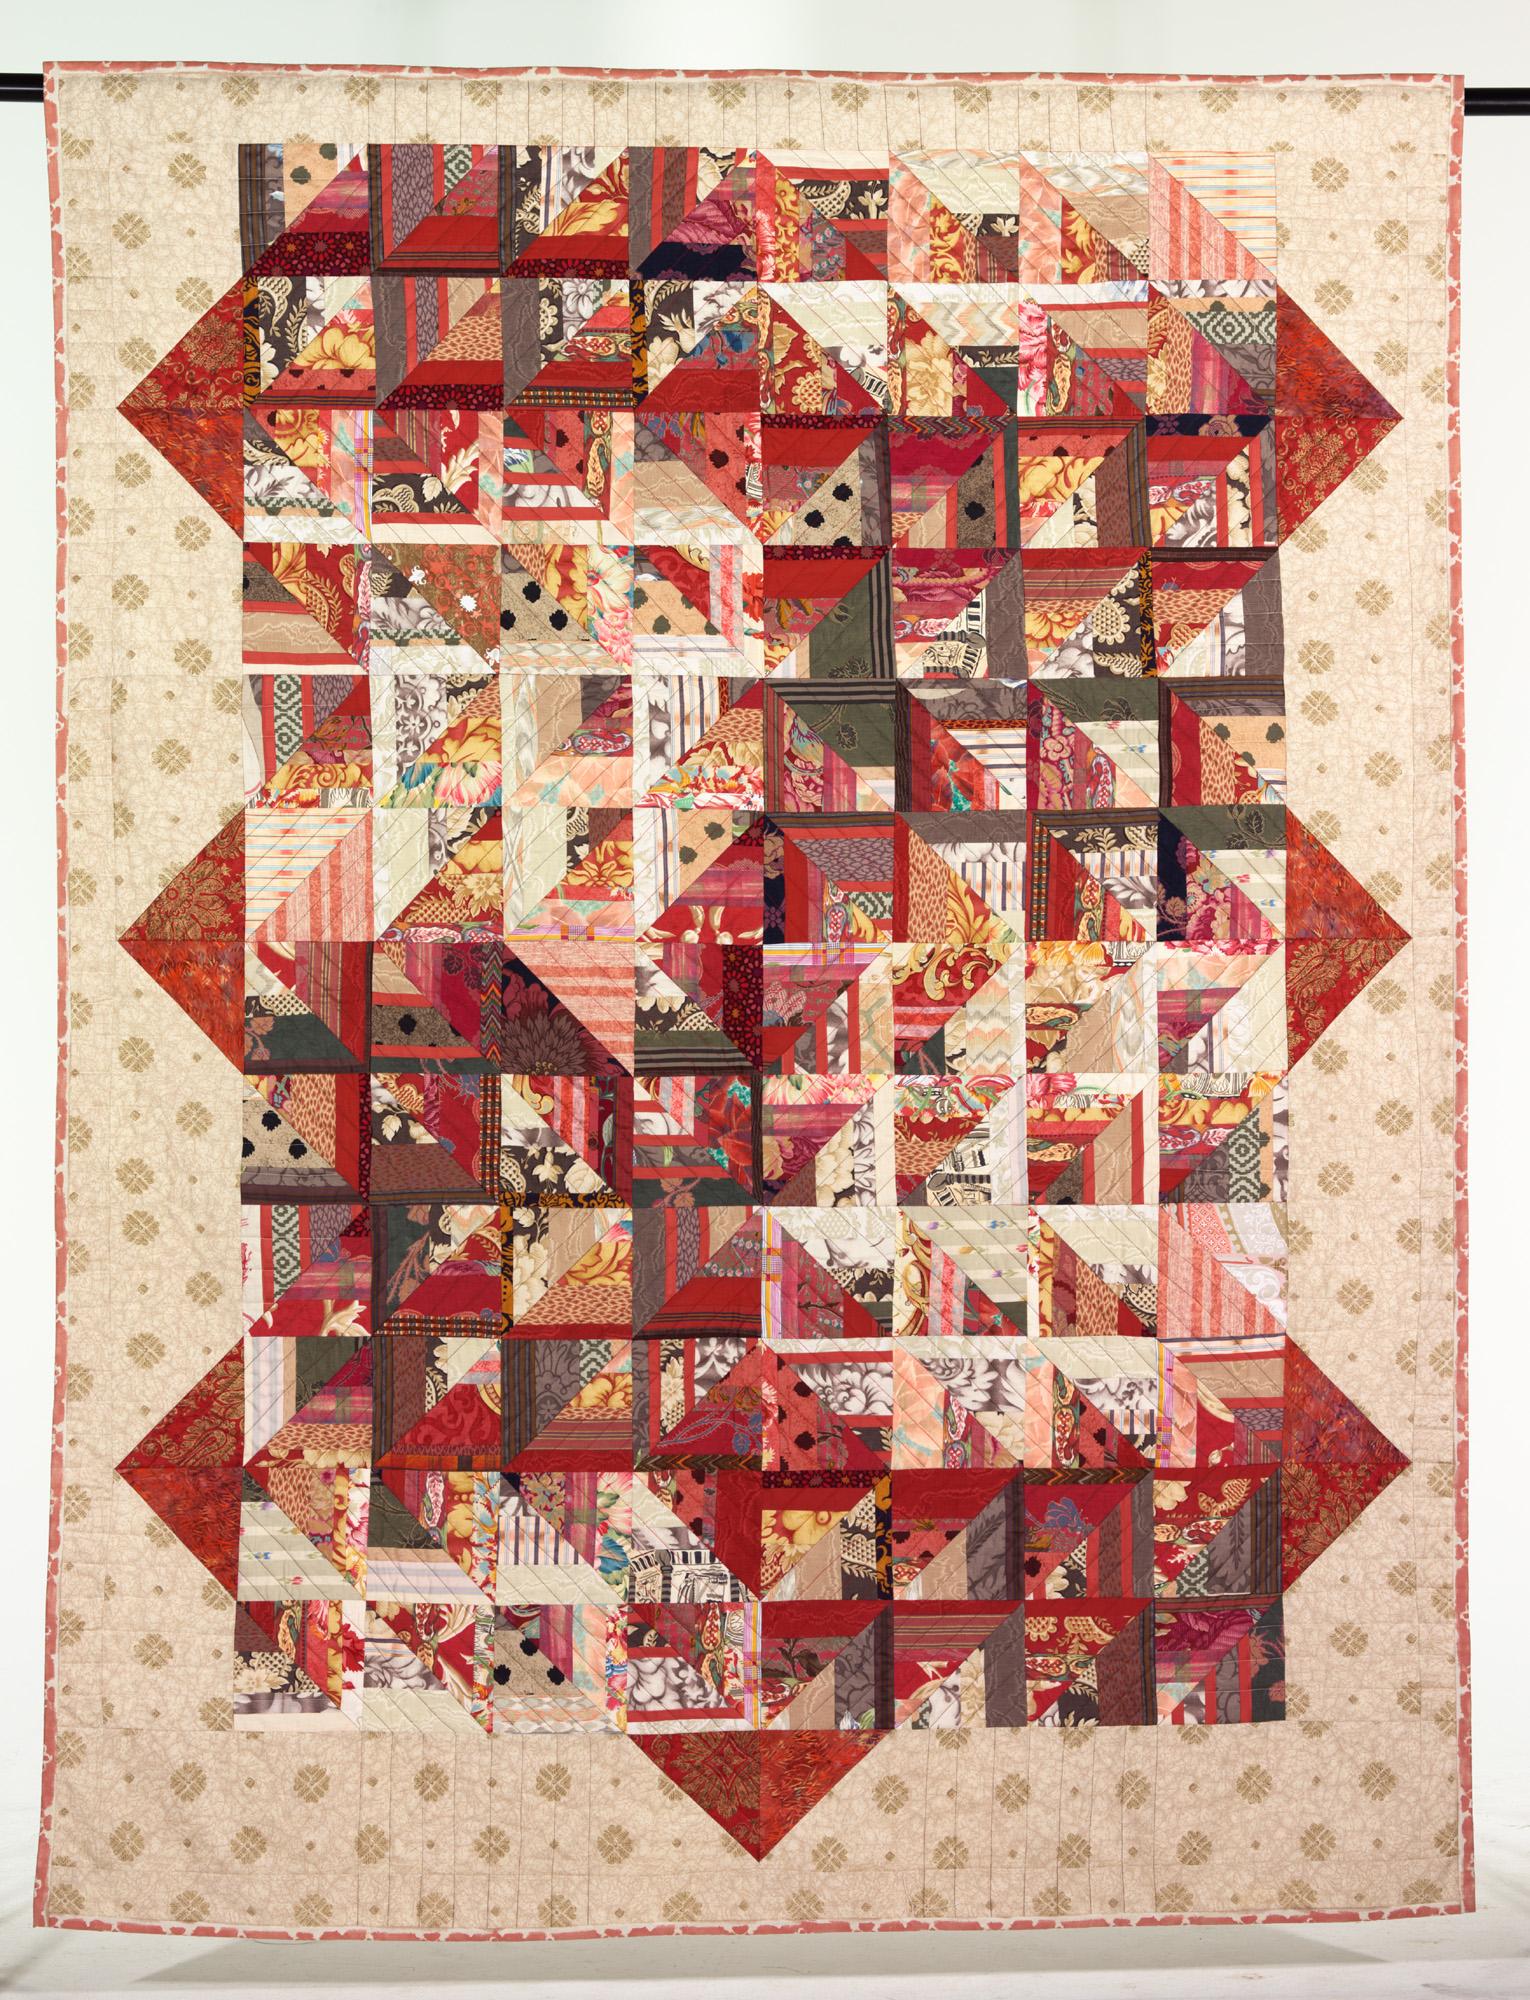 Helena's Quilt (177 x 225 cm)